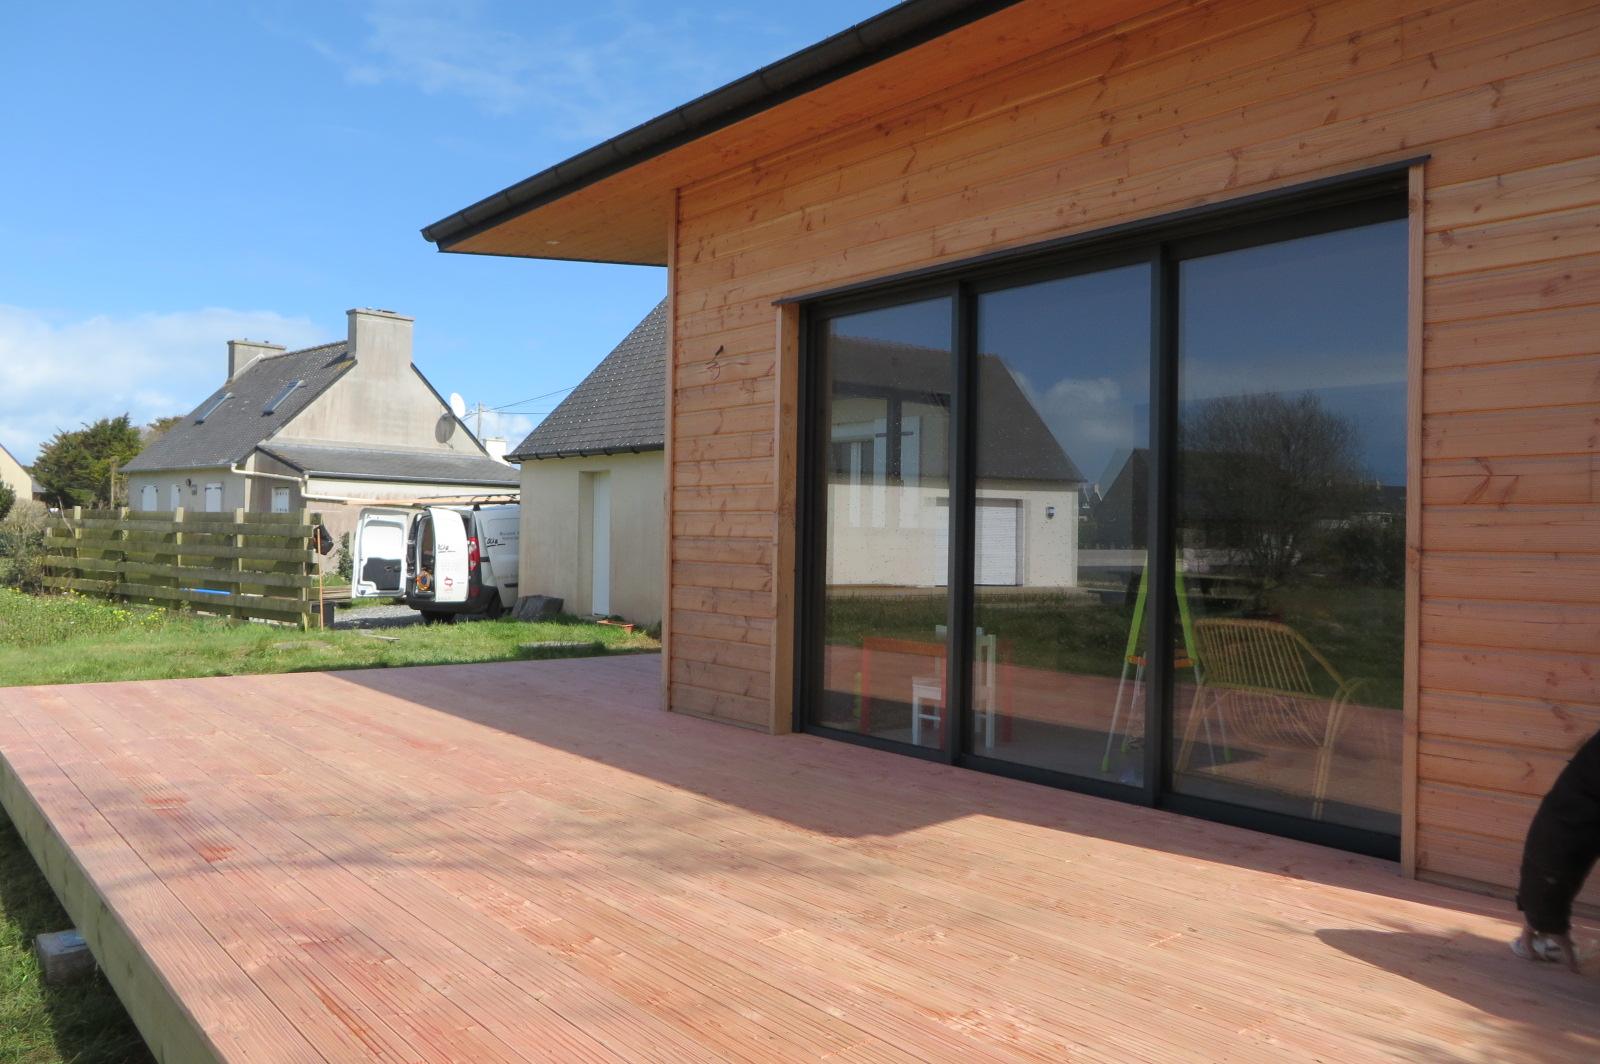 Constructeur maison bois finistere nord ventana blog for Constructeur maison en bois brest